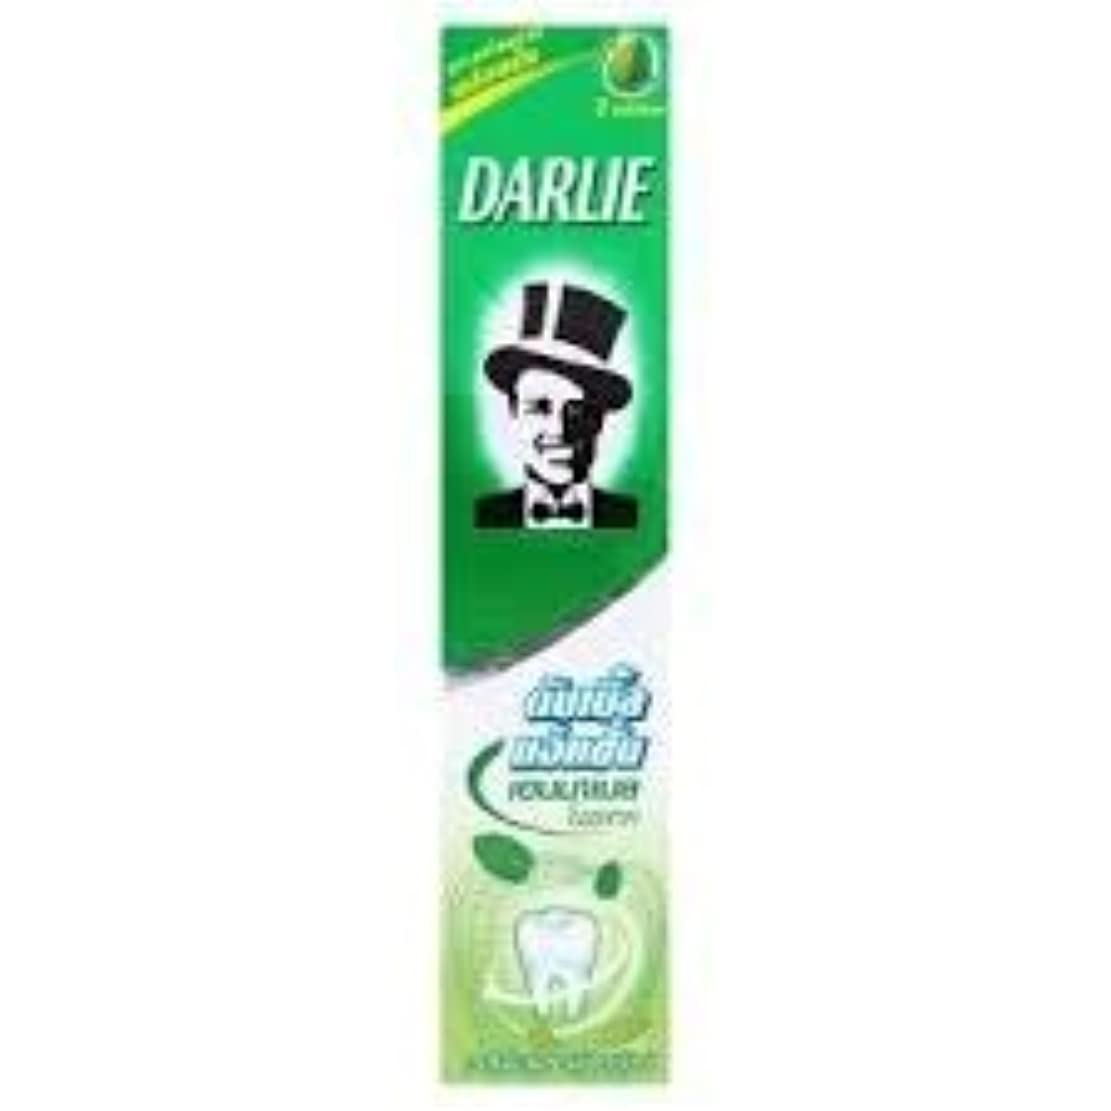 コンソール悪名高いパターンDARLIE 歯磨き粉エナメルは強力なミントを保護します200g - 私達の元の強いミントの味とあなたの呼吸のミントを新しく保ちます